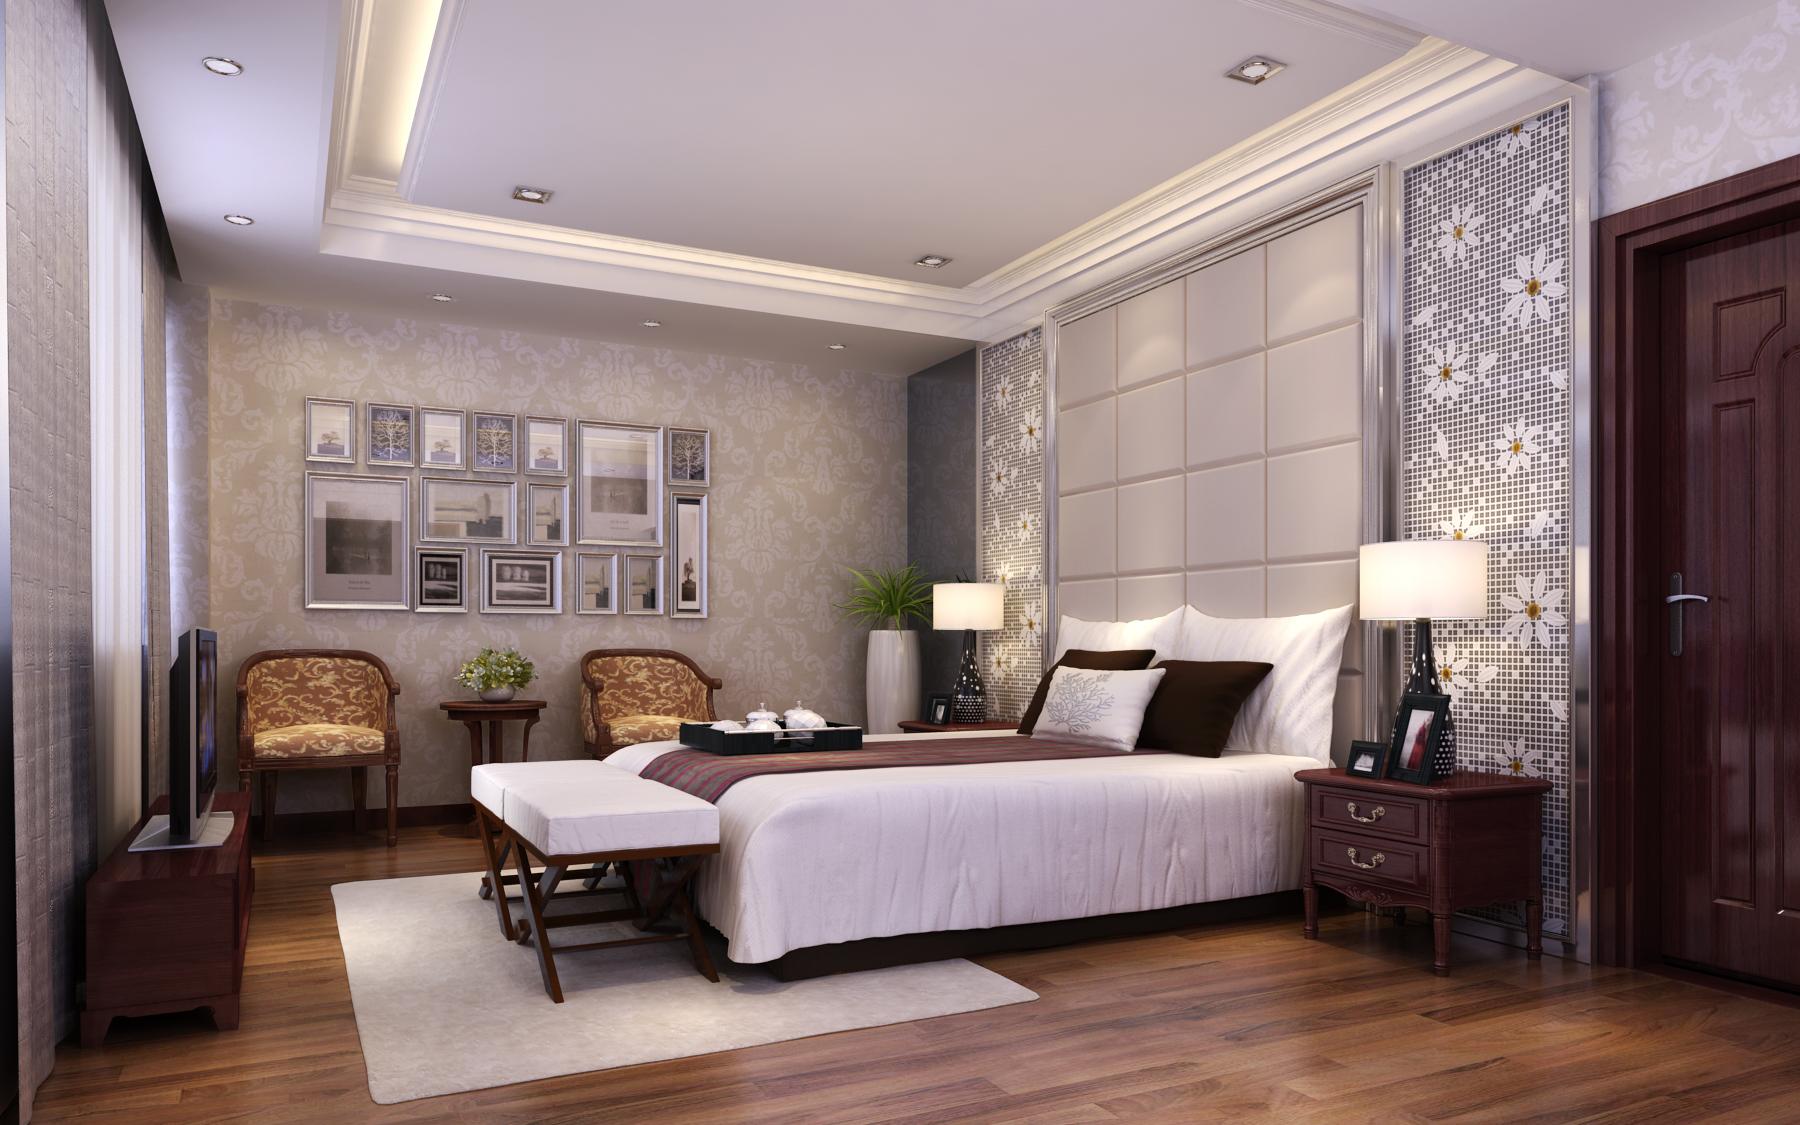 热门125平米复式卧室装修效果图